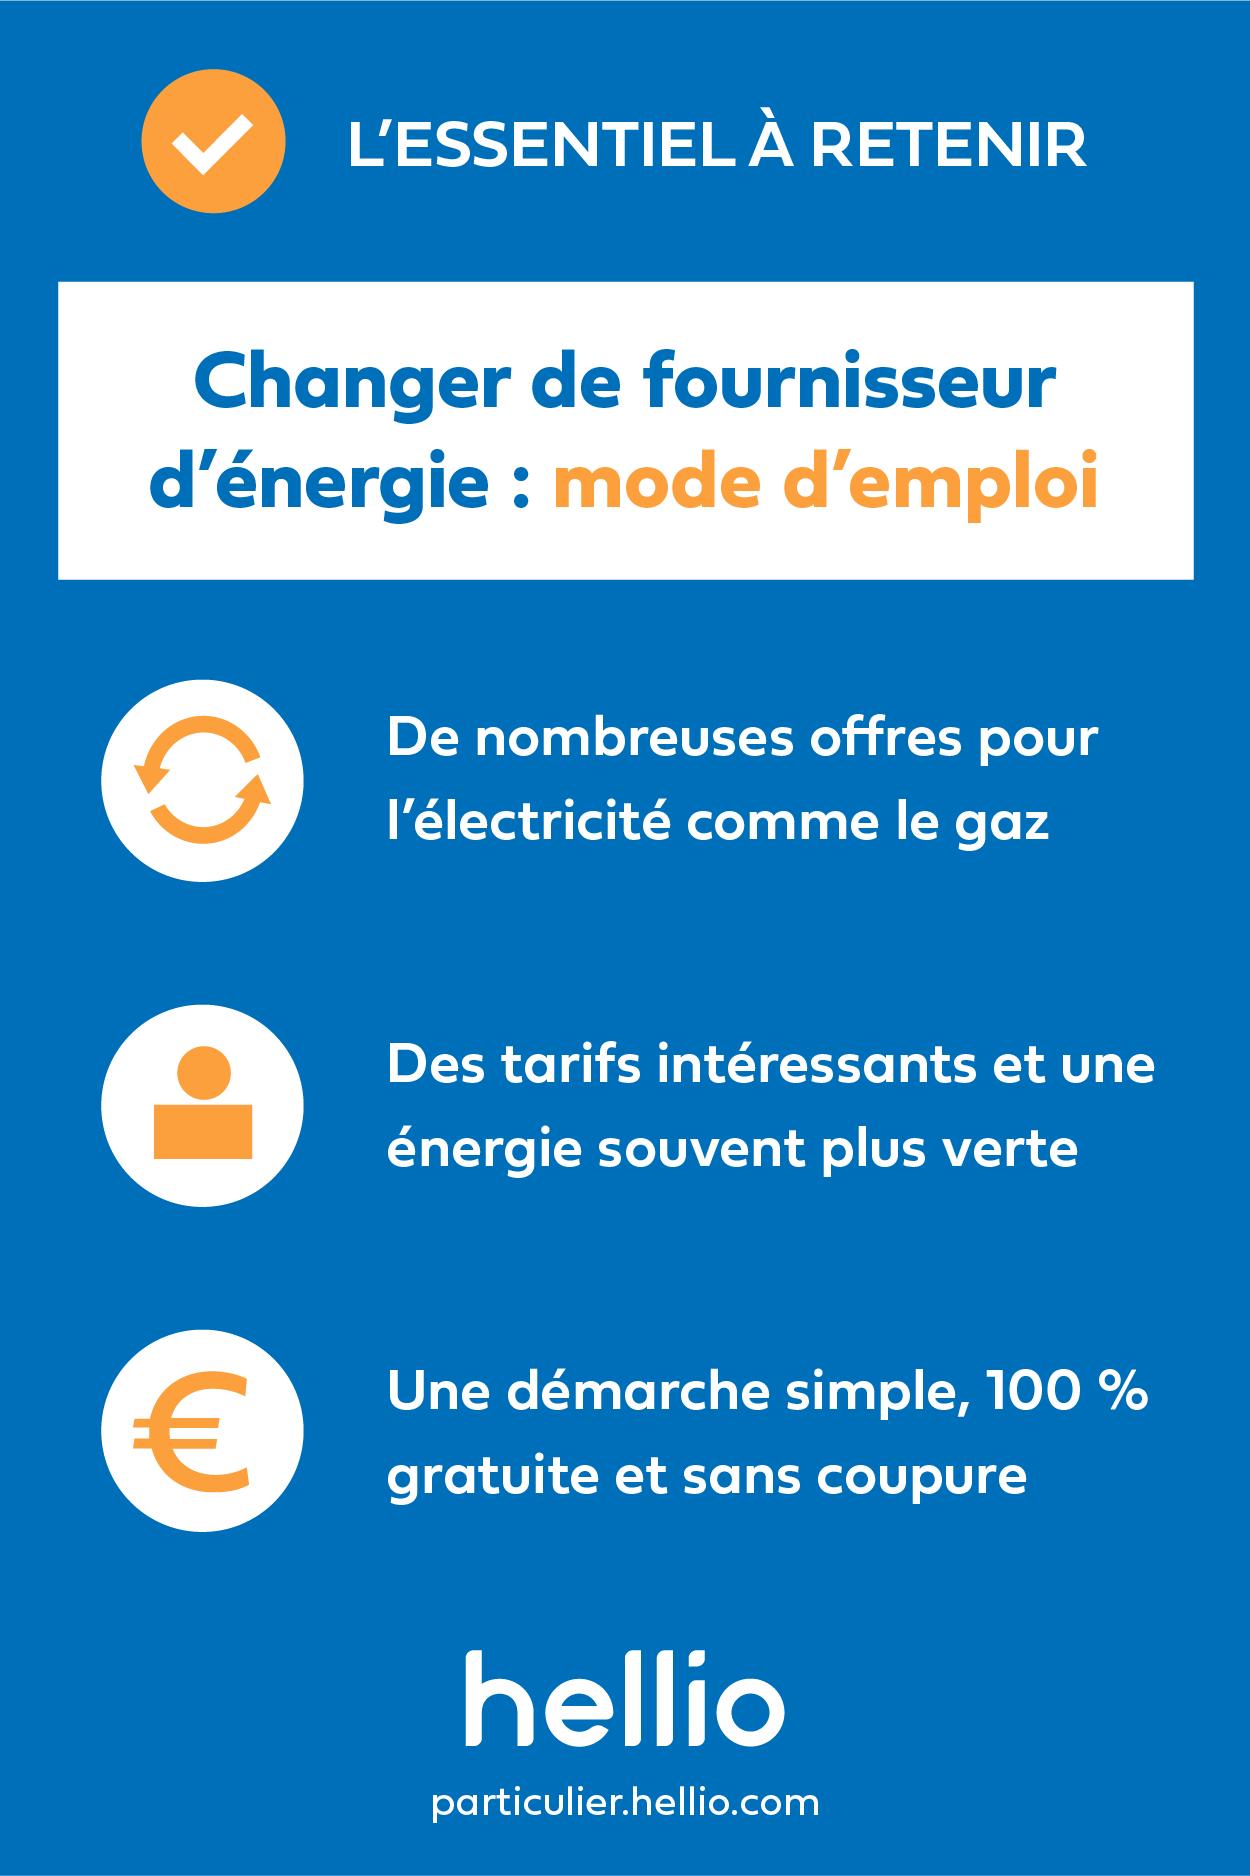 infographie-essentiel-retenir-hellio-changement-fournisseur-energie